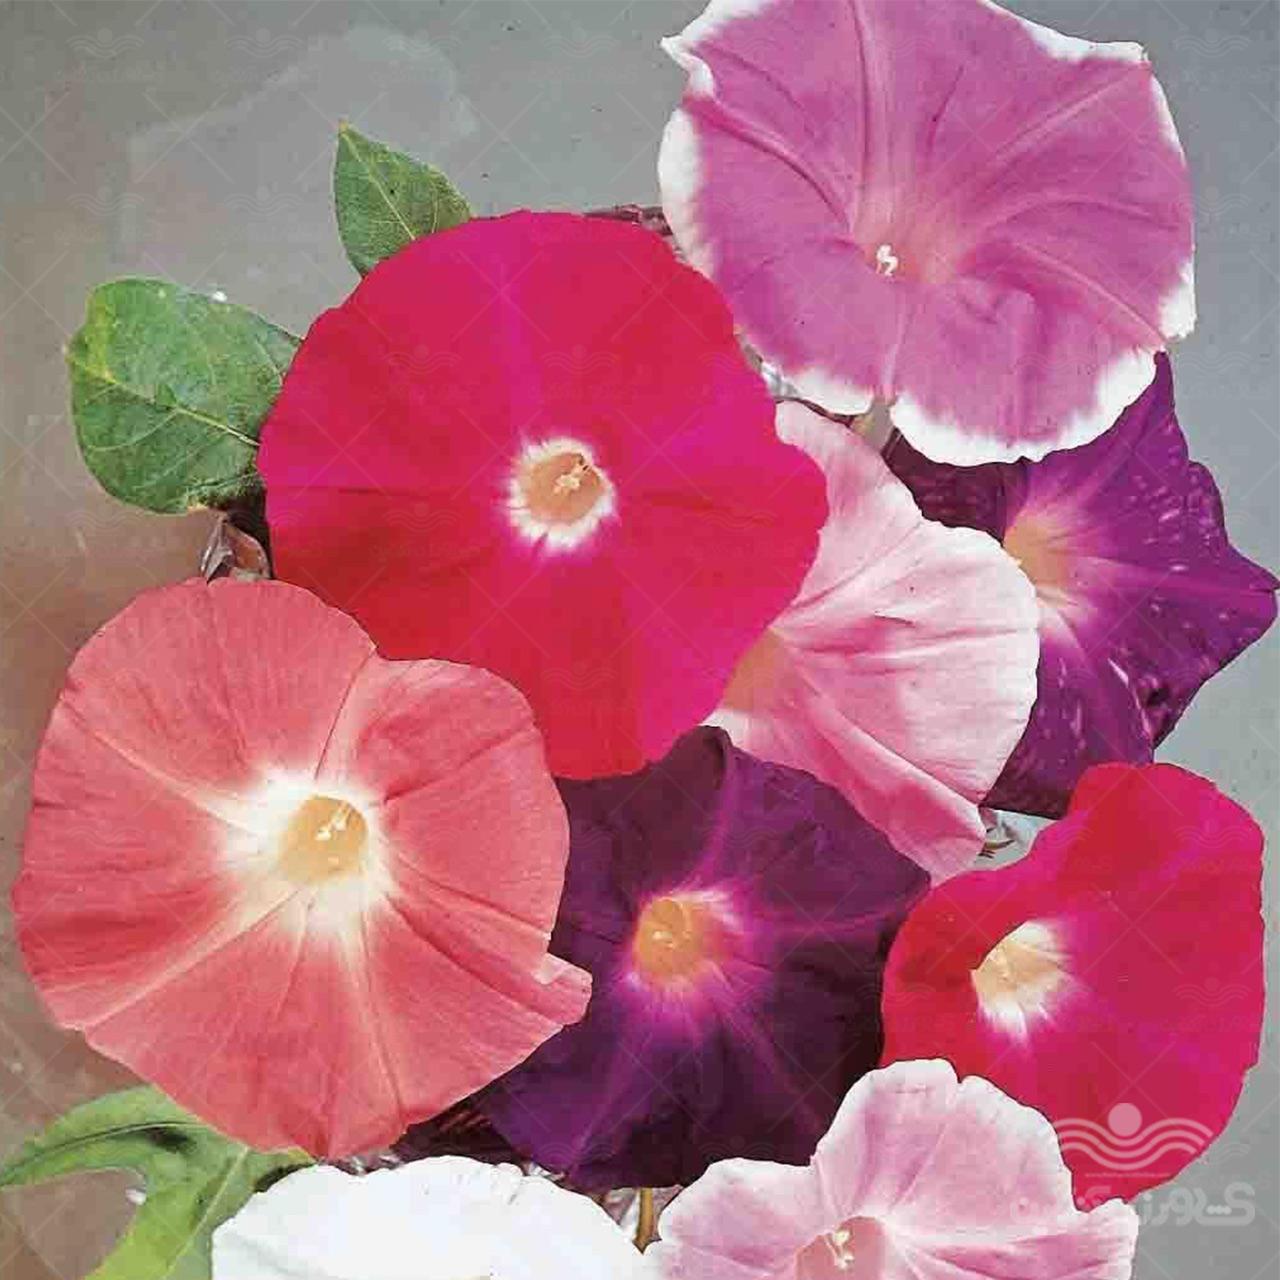 بذر گل نیلوفر رونده هلندی الوان